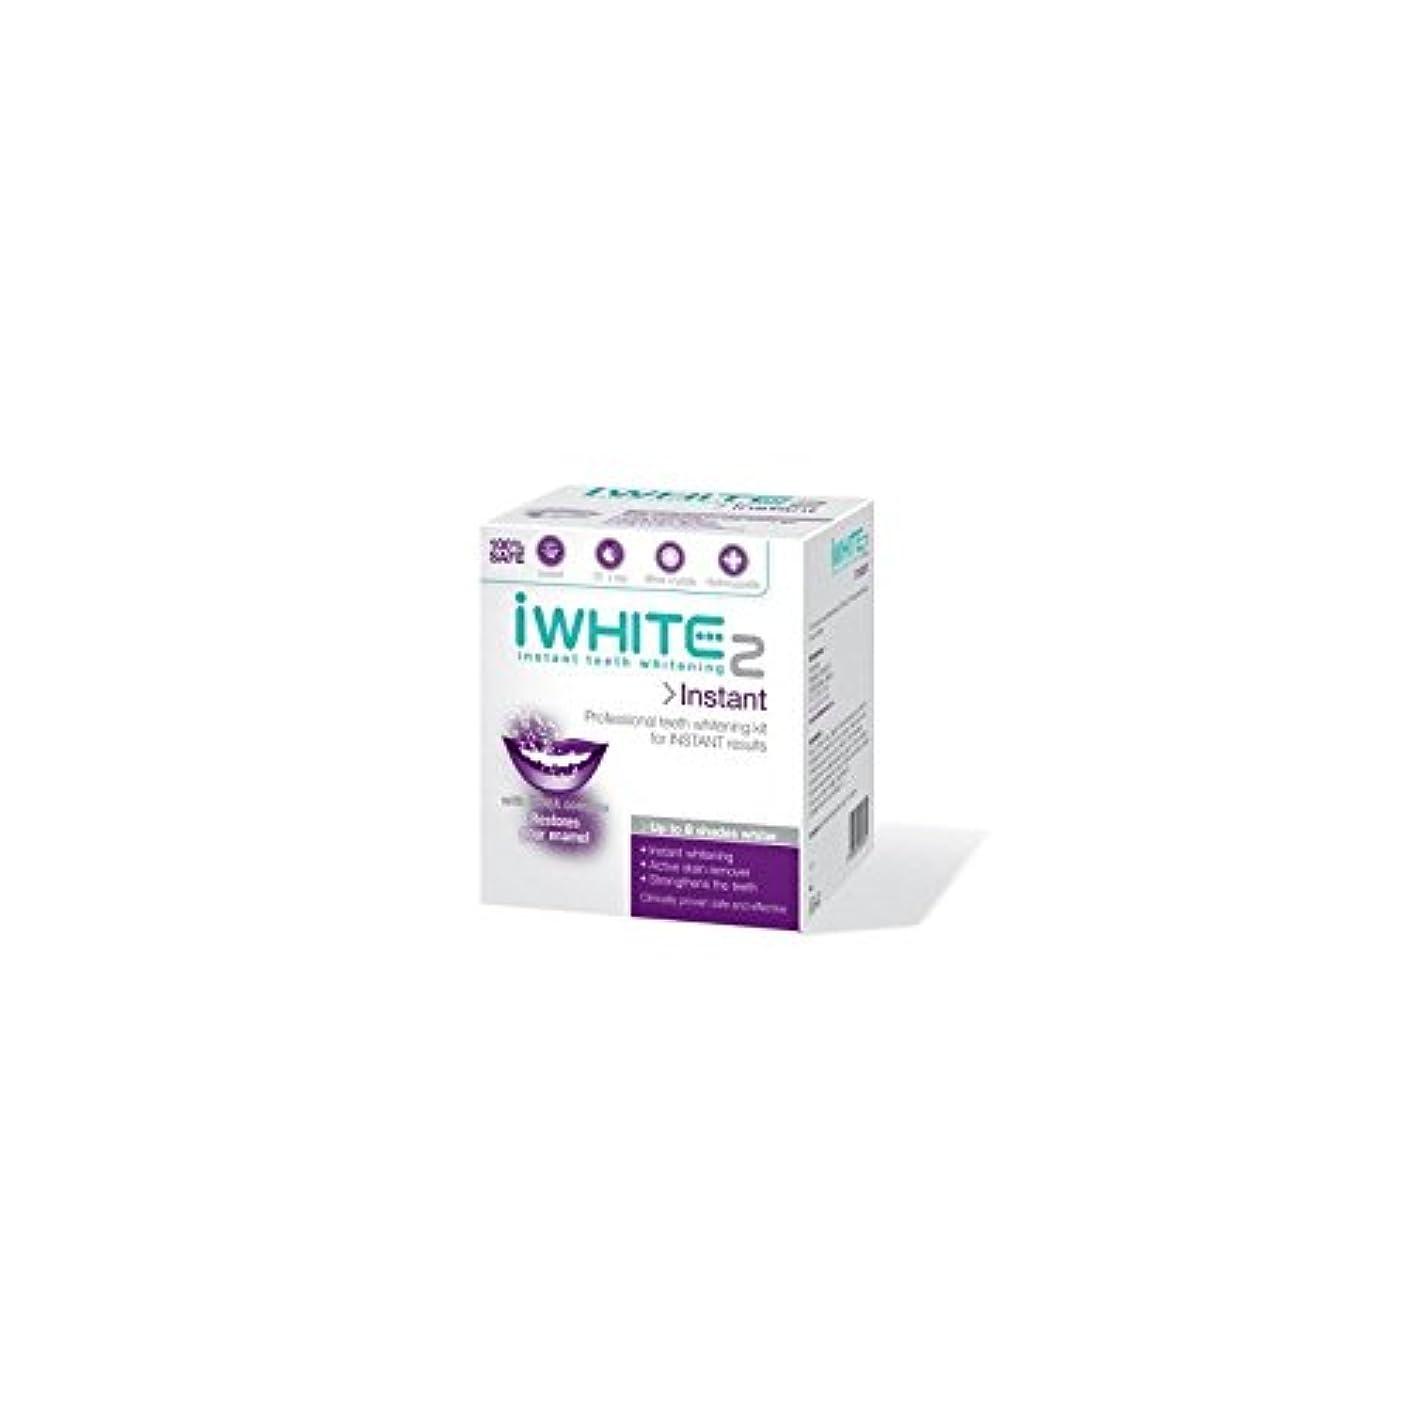 対応レインコート適合しましたiWhite Instant 2 Professional Teeth Whitening Kit (10 Trays) (Pack of 6) - インスタントキットを白く2本のプロ歯(10トレイ) x6 [並行輸入品]